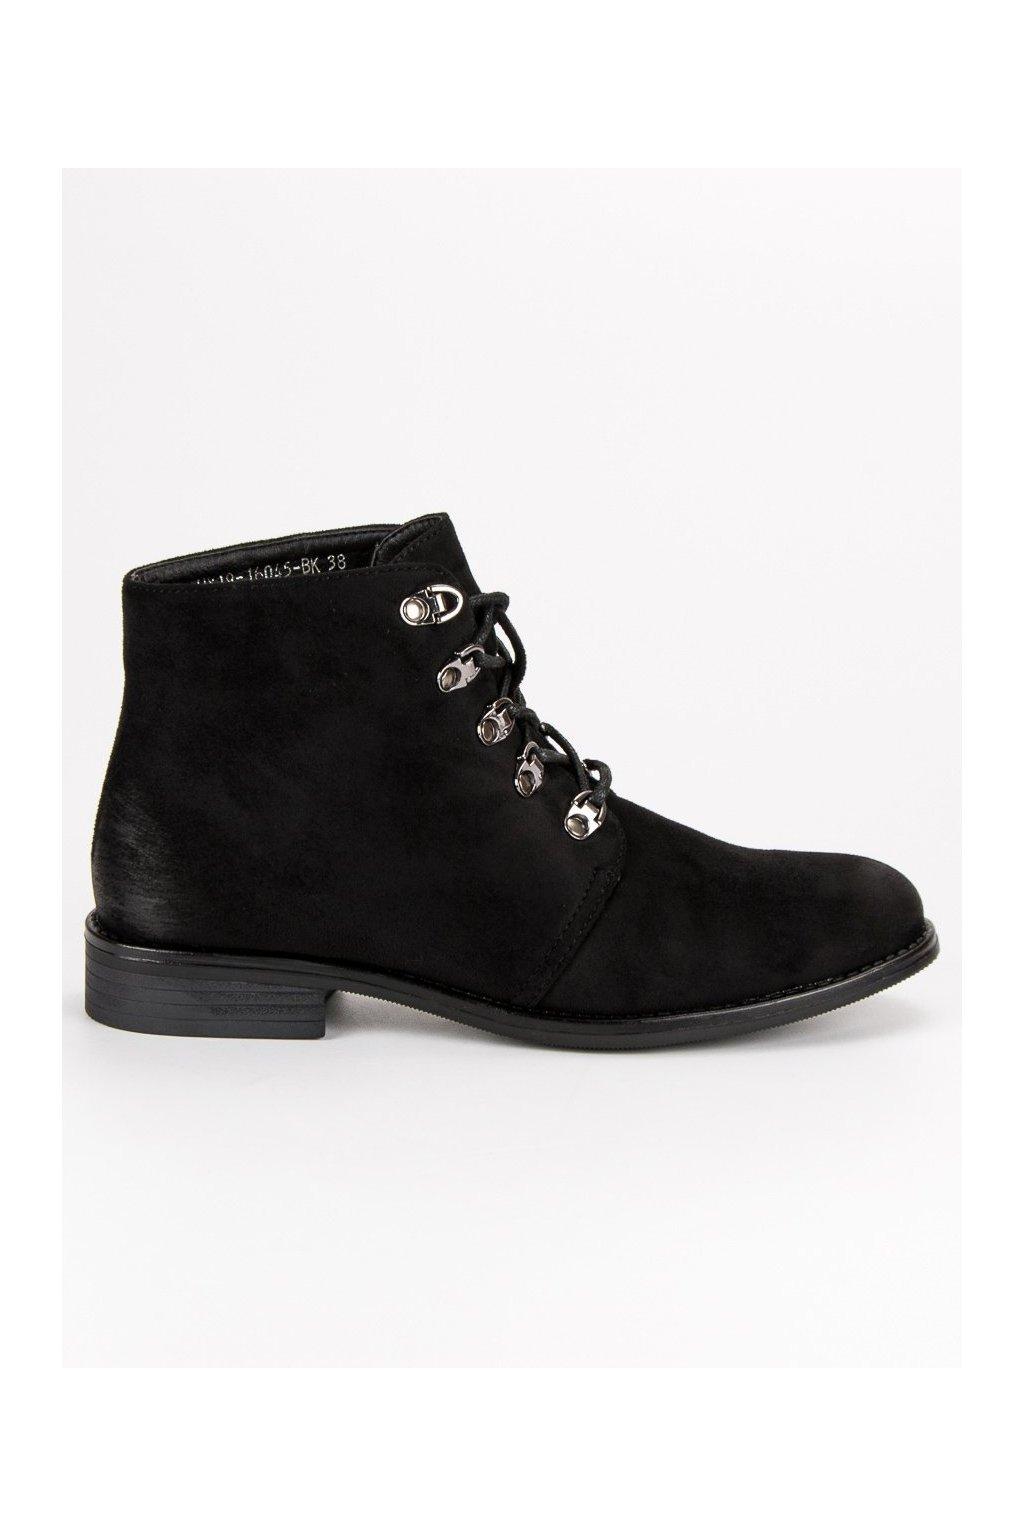 bf1e9e04f Čierne dámske topánky na plochom opätku Vinceza HX19-16045B | NAJ.SK